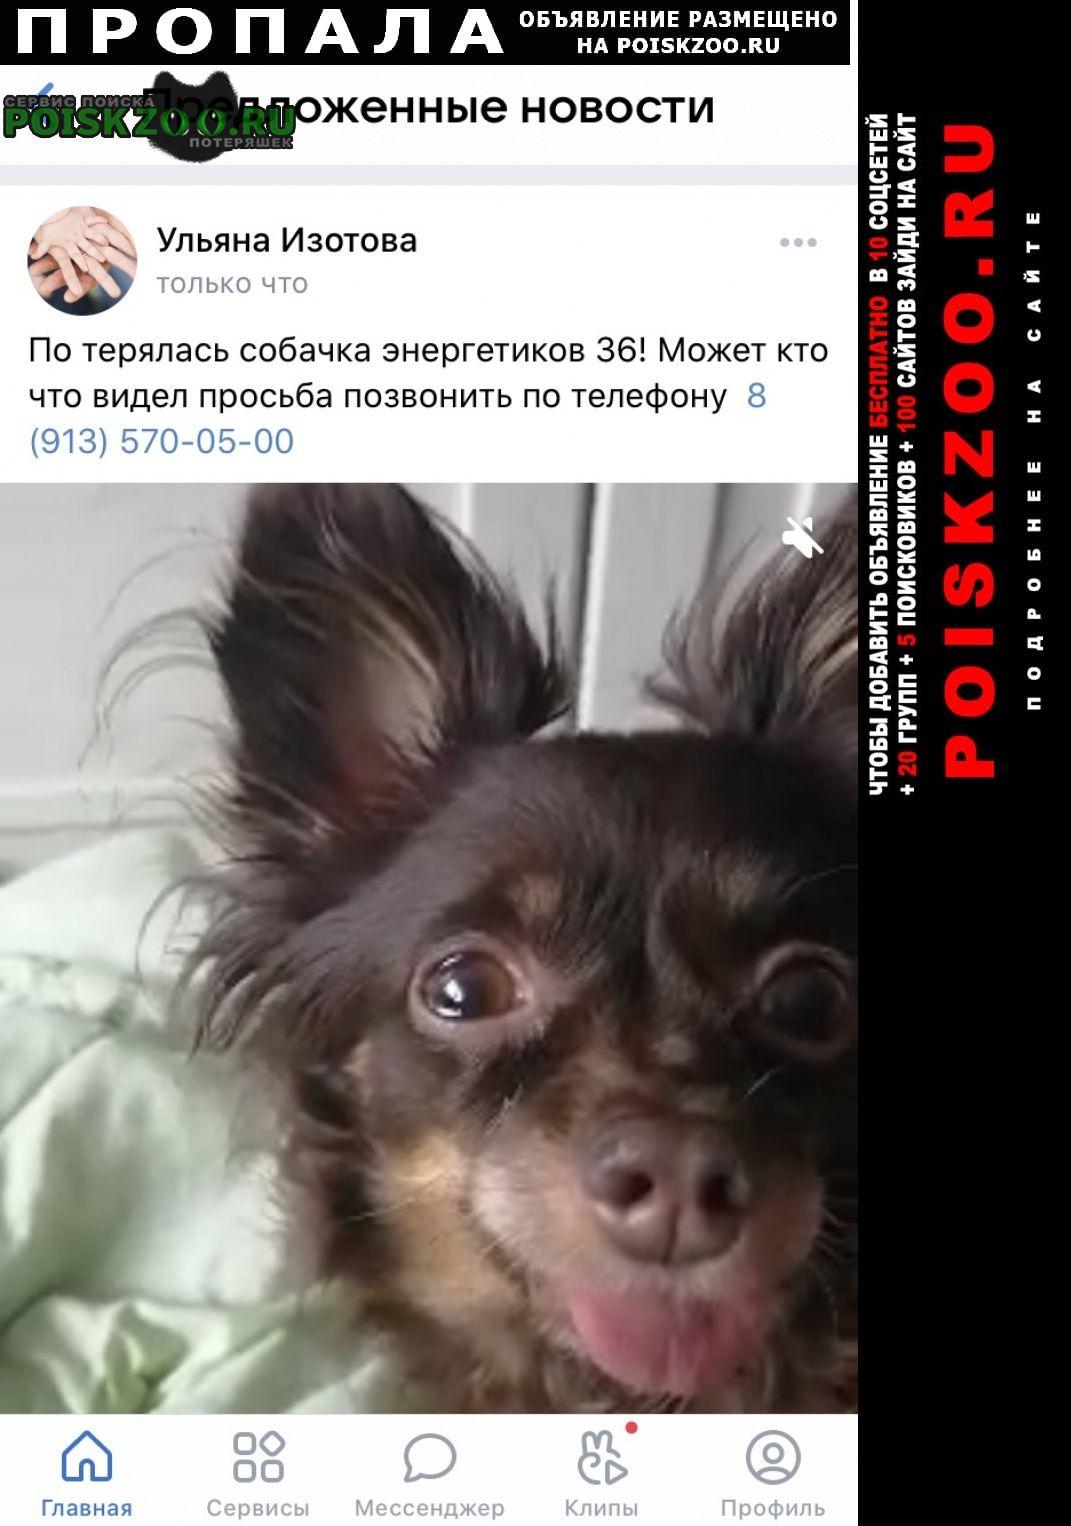 Пропала собака очень прошу вернуть за вознаграждение Красноярск